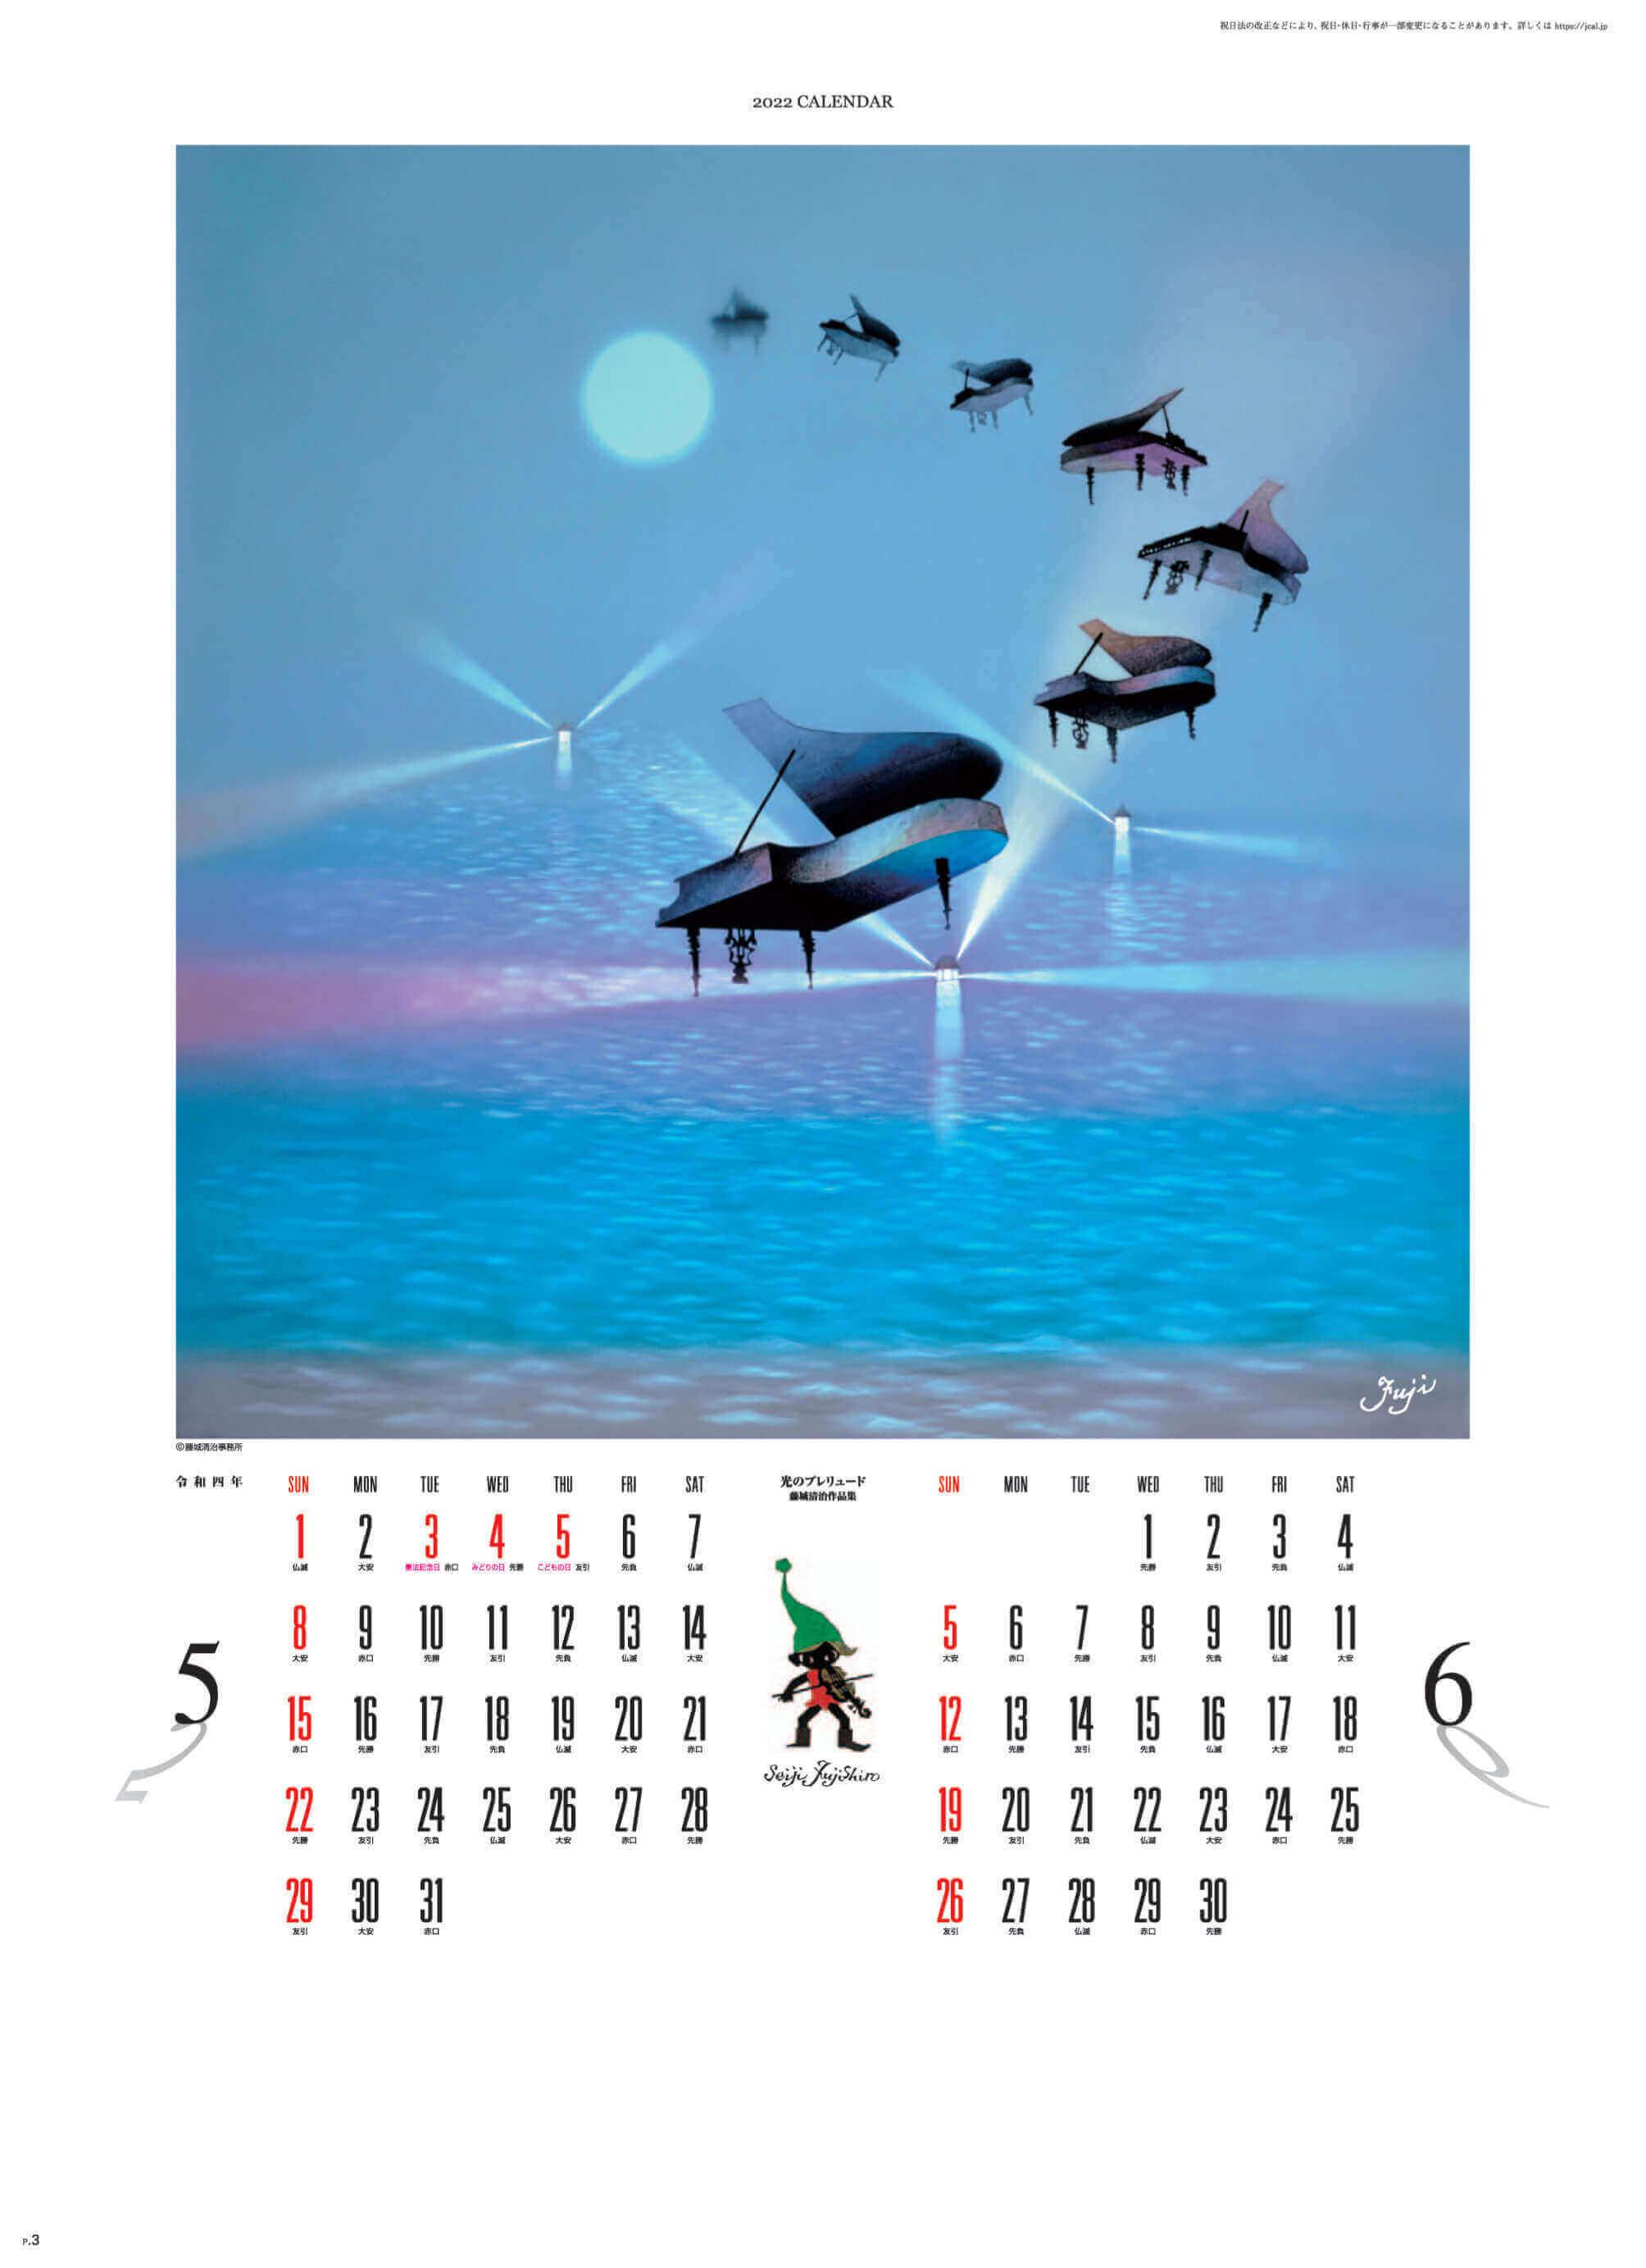 5-6月 光のプレリュード 遠い日の風景から(影絵) 藤城清治 2022年カレンダーの画像